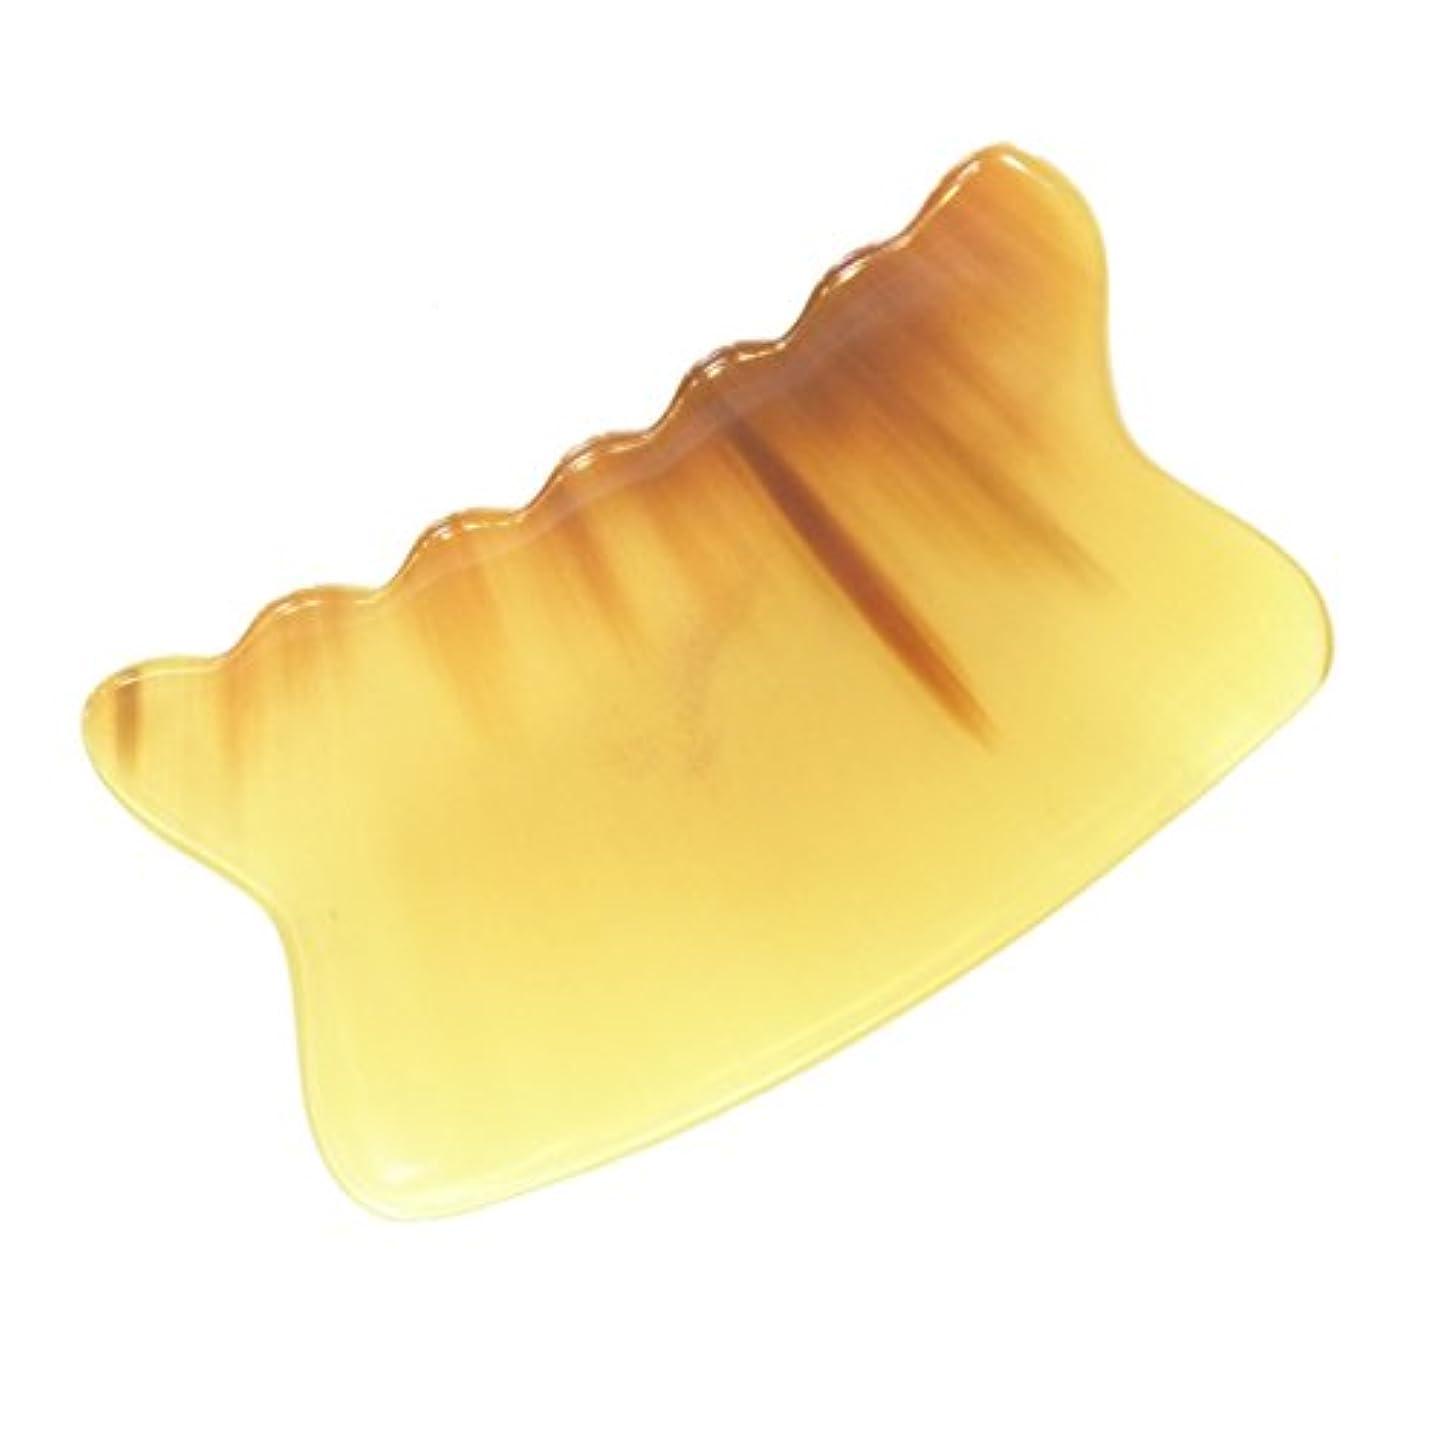 ボートリスク病院かっさ プレート 厚さが選べる 水牛の角(黄水牛角) EHE226SP 曲波型 特級品 厚め(6ミリ程度)